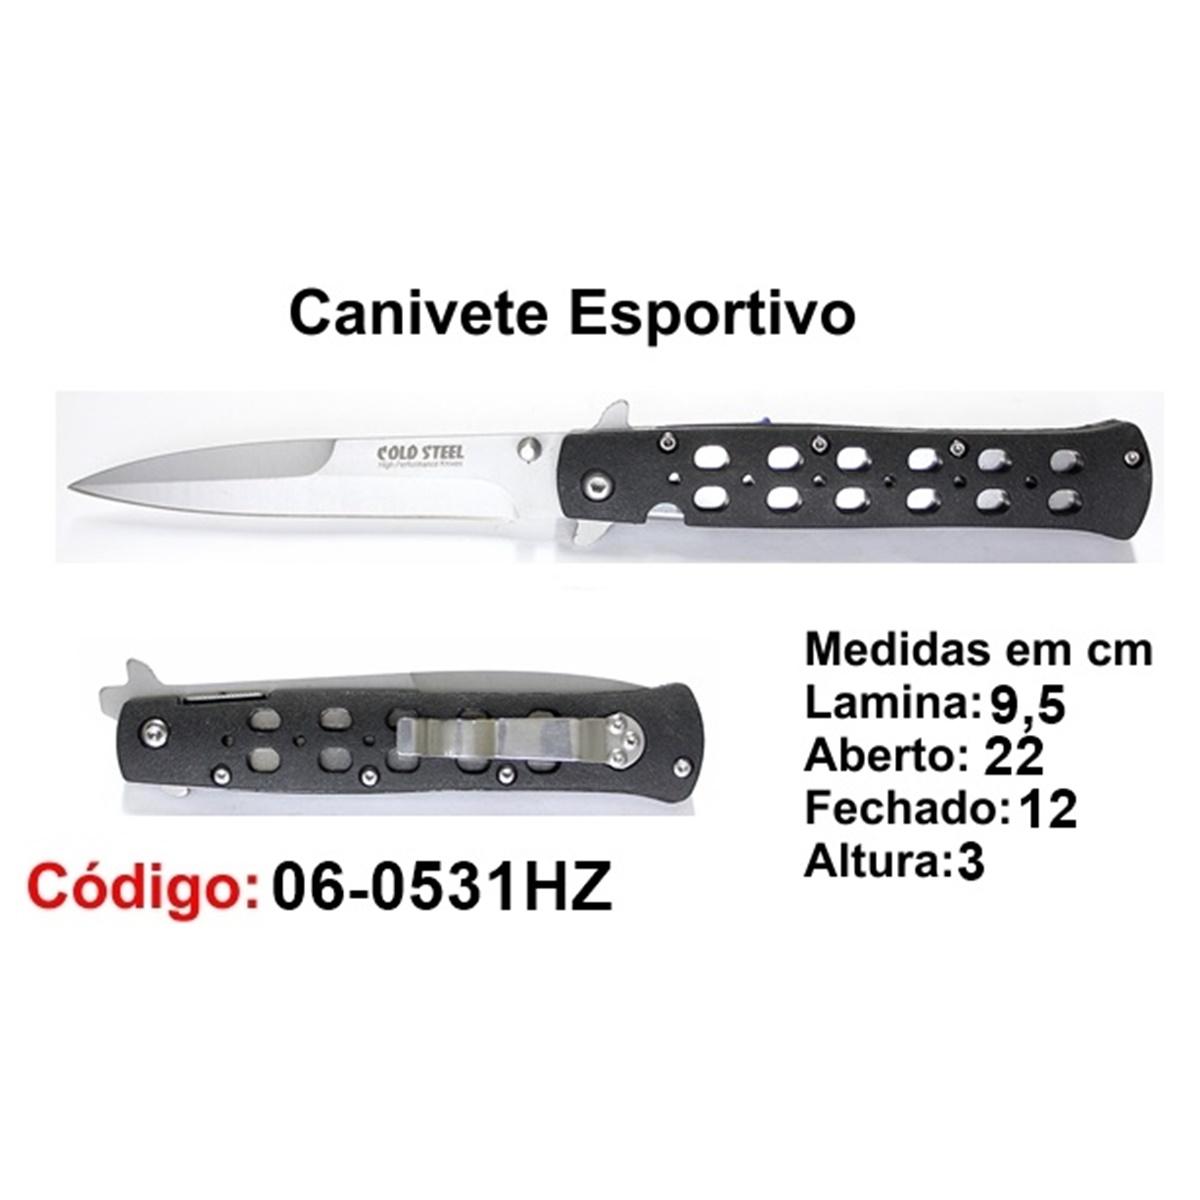 Canivete Esportivo Caça Pesca Etc. 06-0531HZ